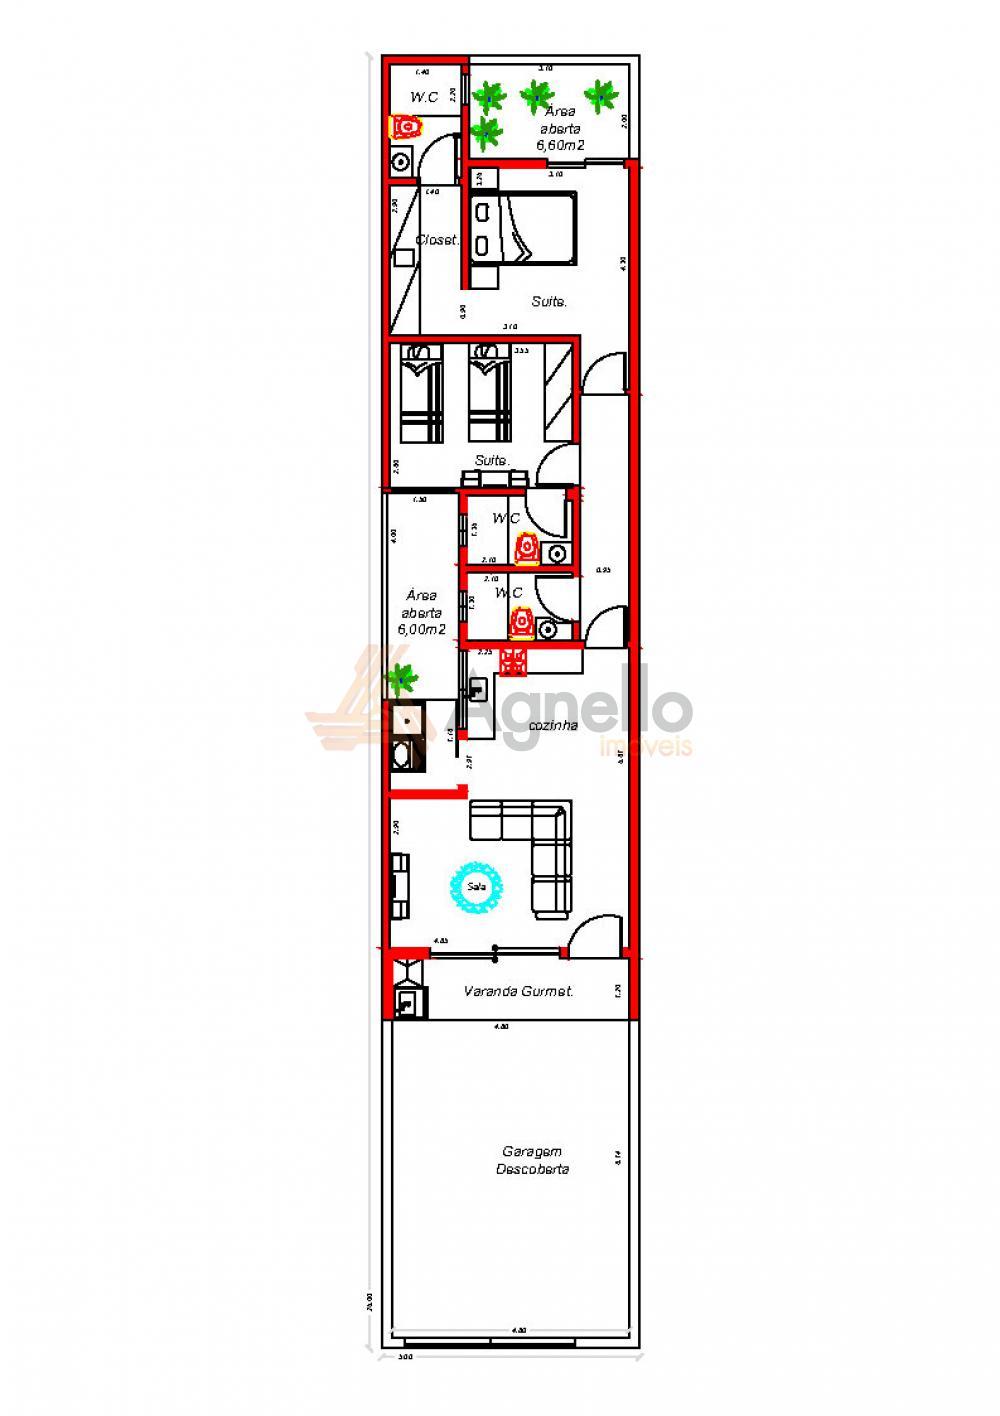 Comprar Casa / Bairro em Franca R$ 300.000,00 - Foto 1